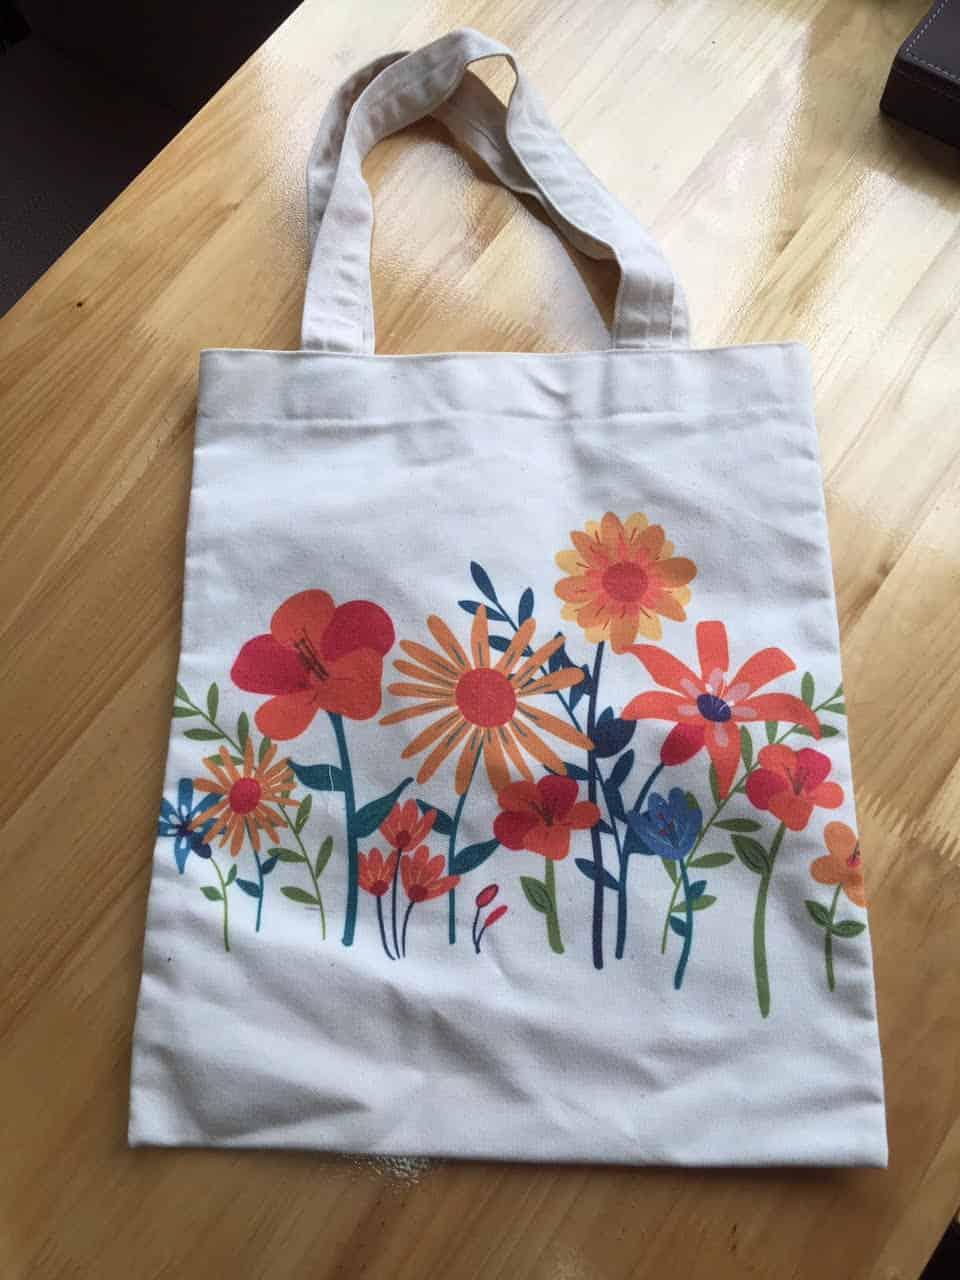 Chuyên cung cấp các loại túi vải không dệt giá rẻ